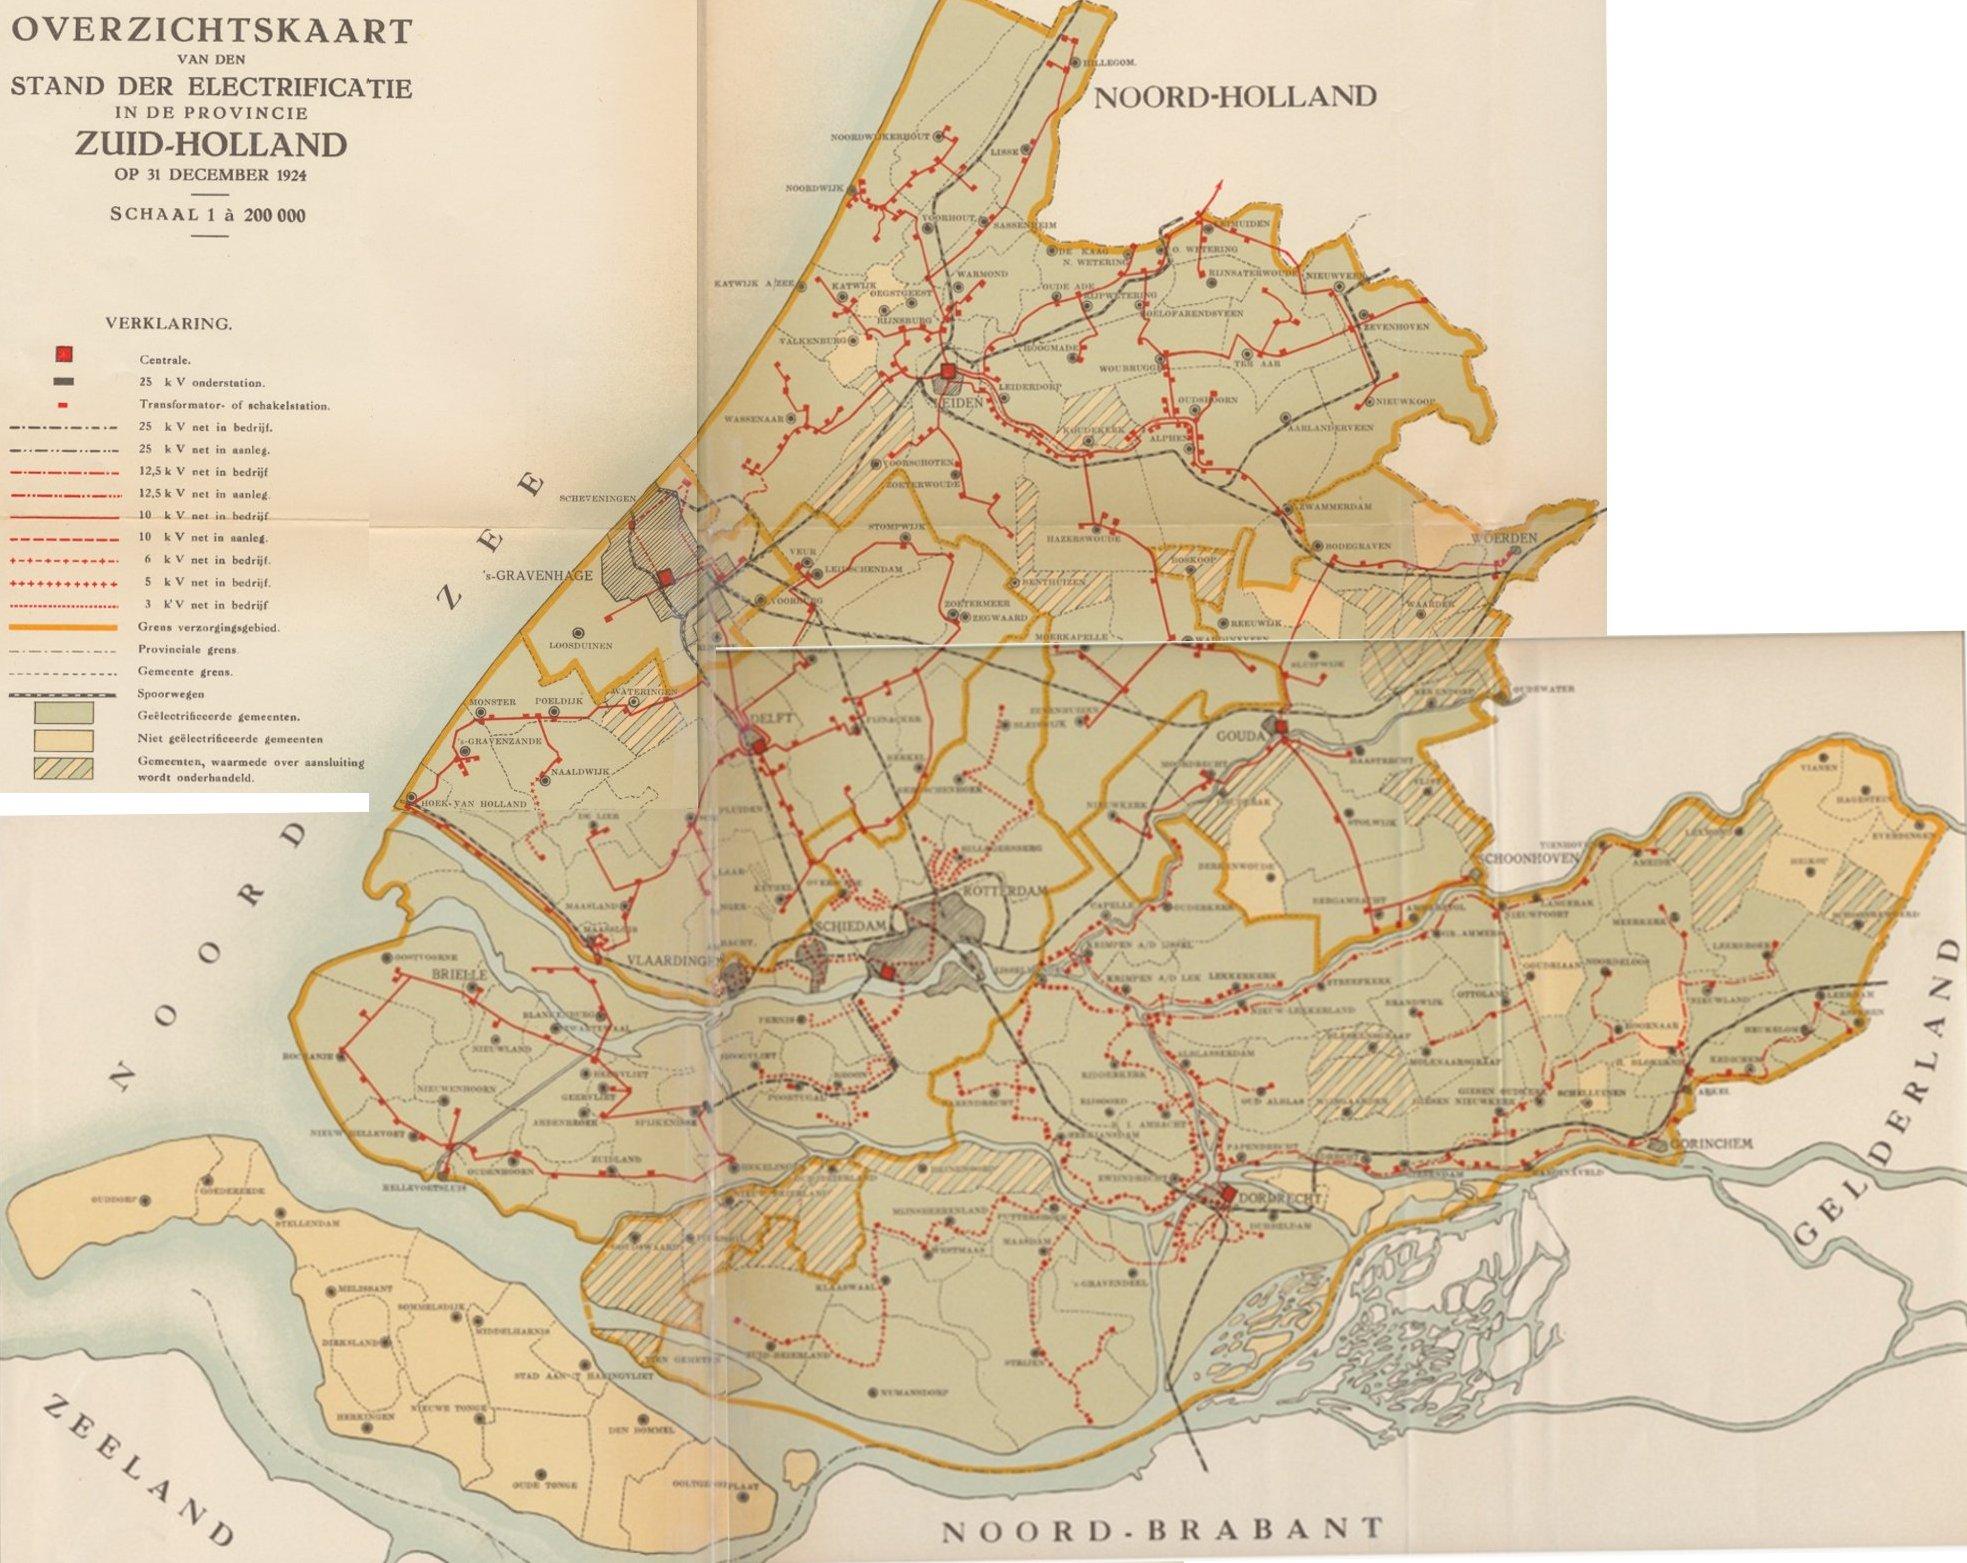 Netkaart Zuid Holland 1924